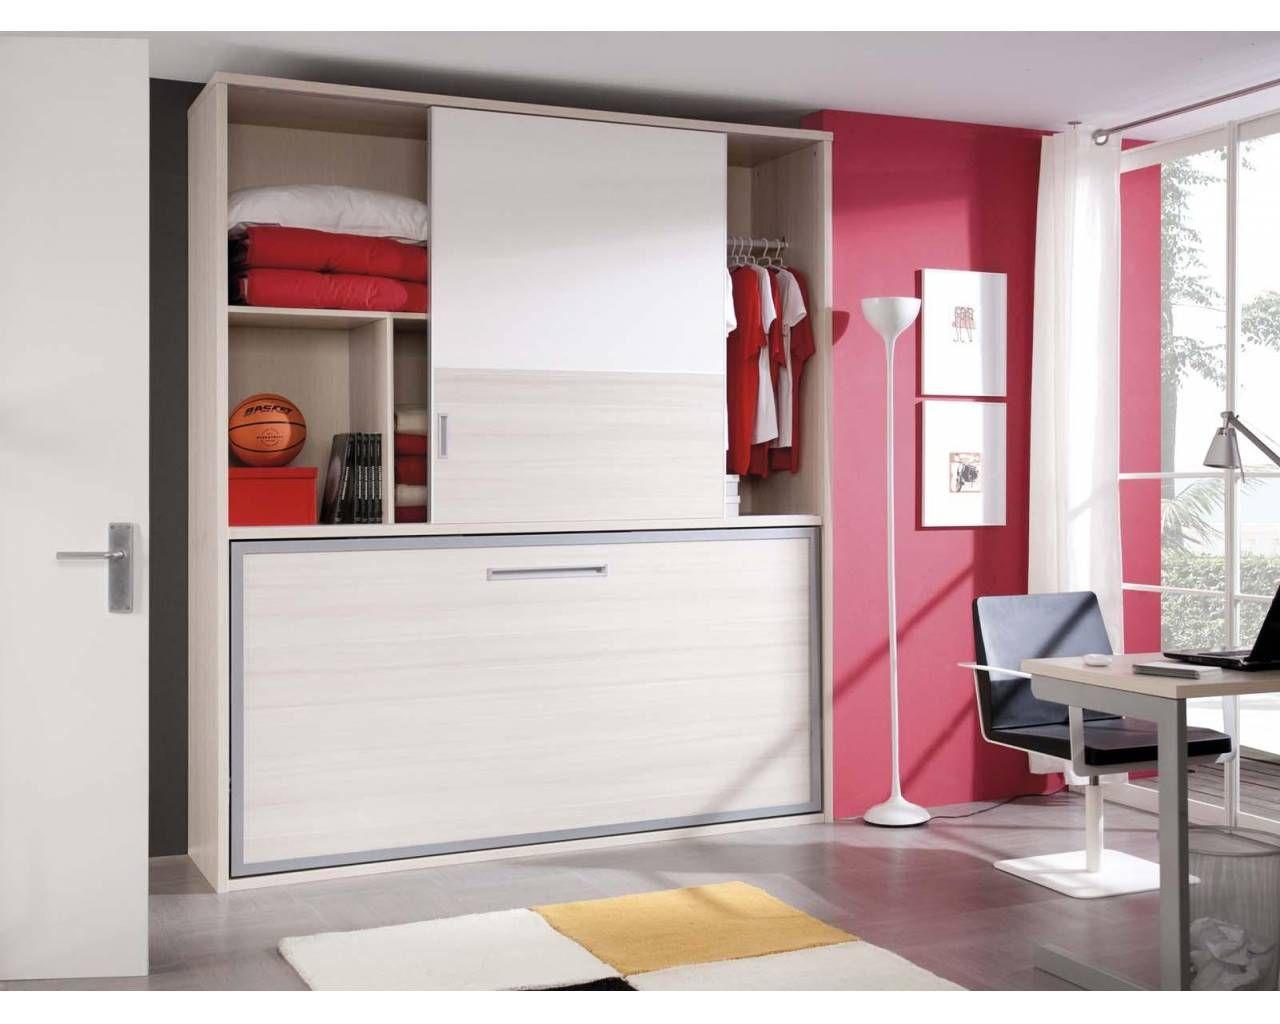 Closet con cama plegable decorando la vida camas - Puertas correderas y plegables ...